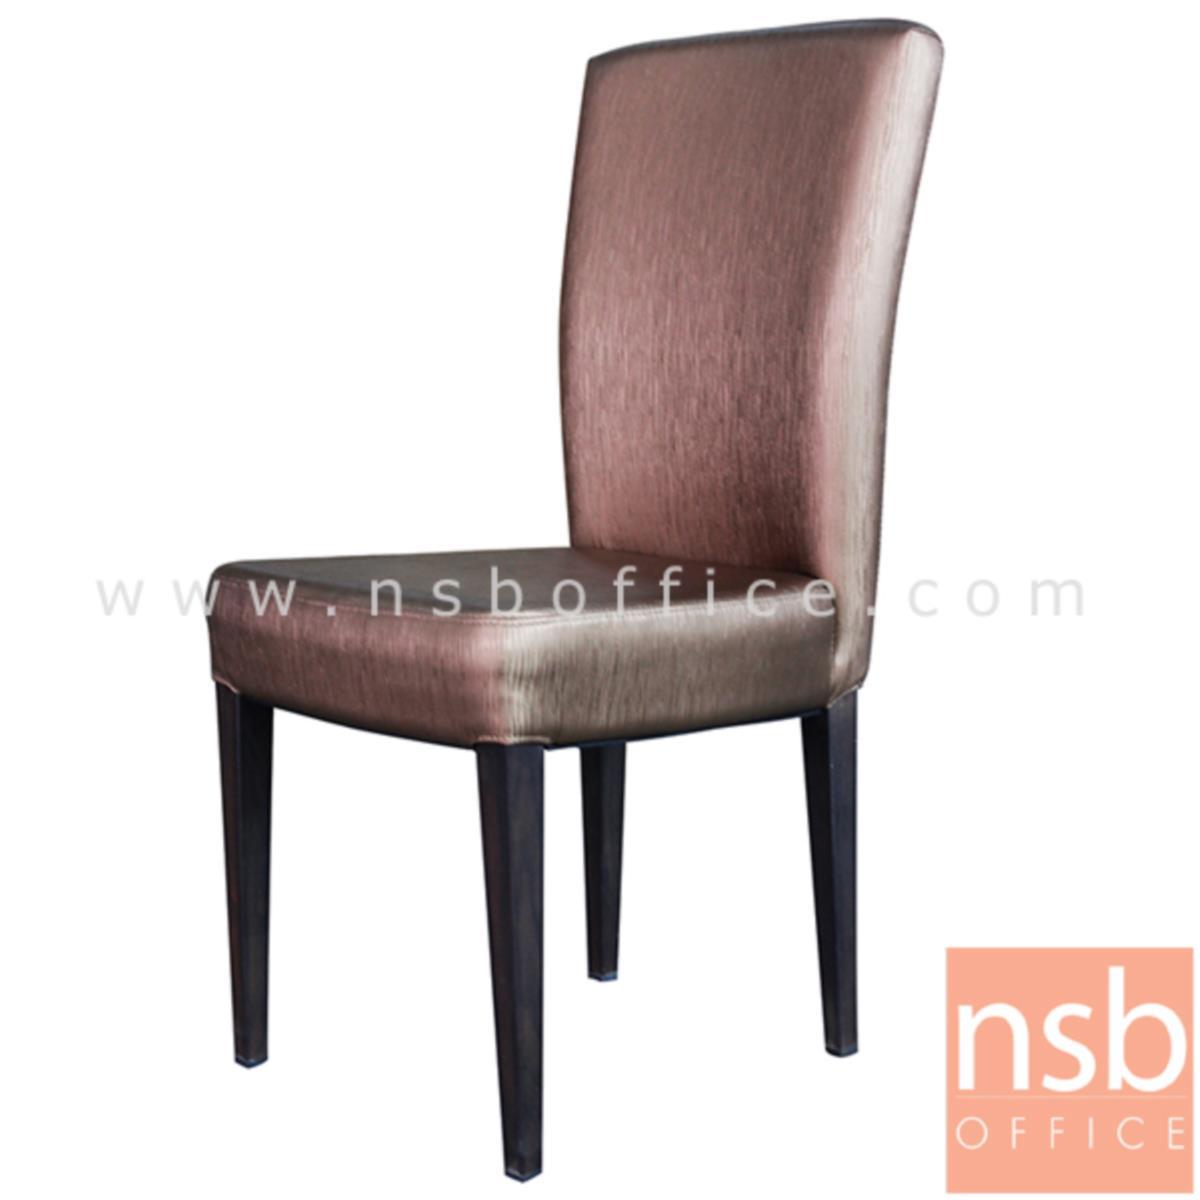 B08A063:เก้าอี้เหล็กหุ้มด้วยหนัง PU รุ่น Chadwick (แชดวิก) ขาเหล็กพ่นสีไม้จริง